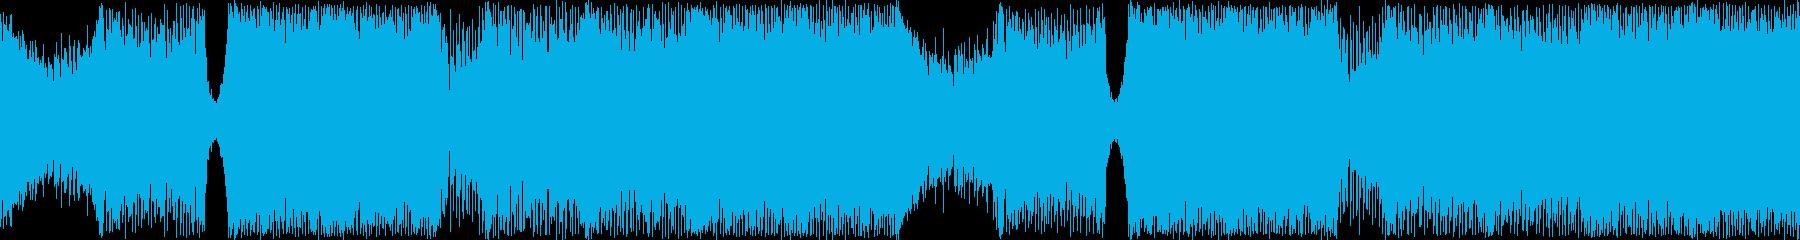 ジュリアナ系ハイパーテクノレイブ神秘的の再生済みの波形